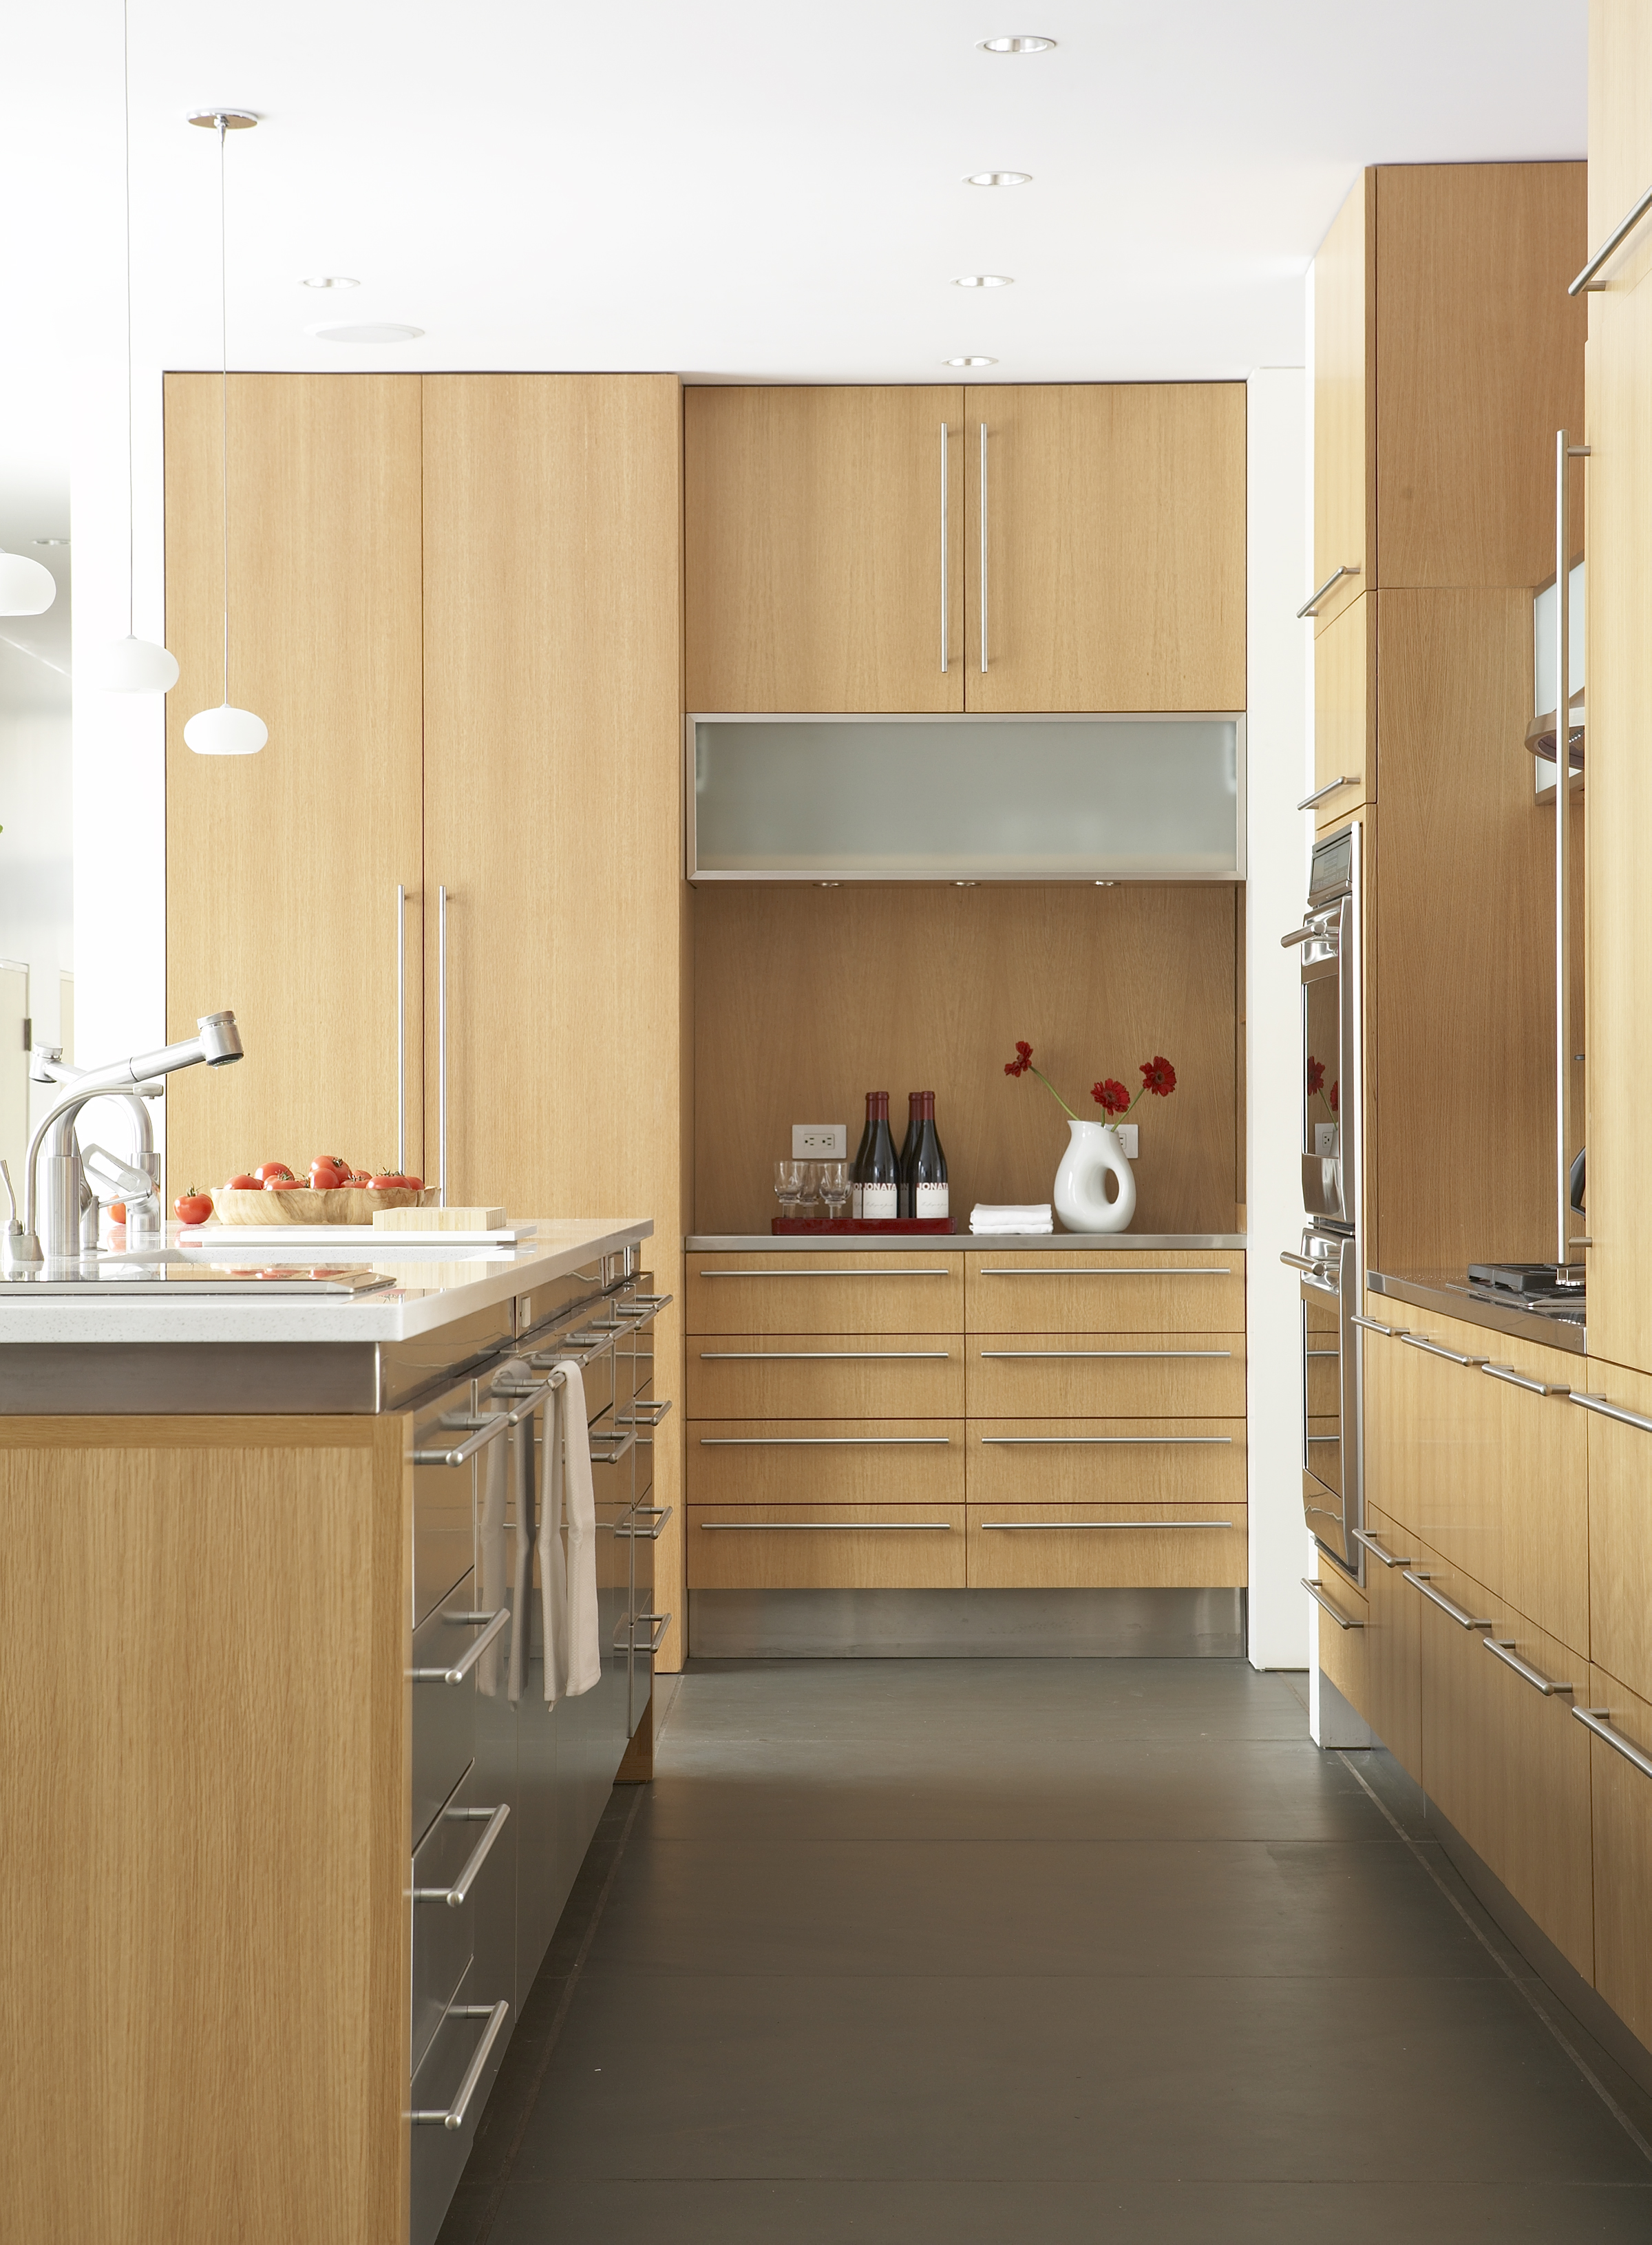 modern luxury kitchen clean appliances